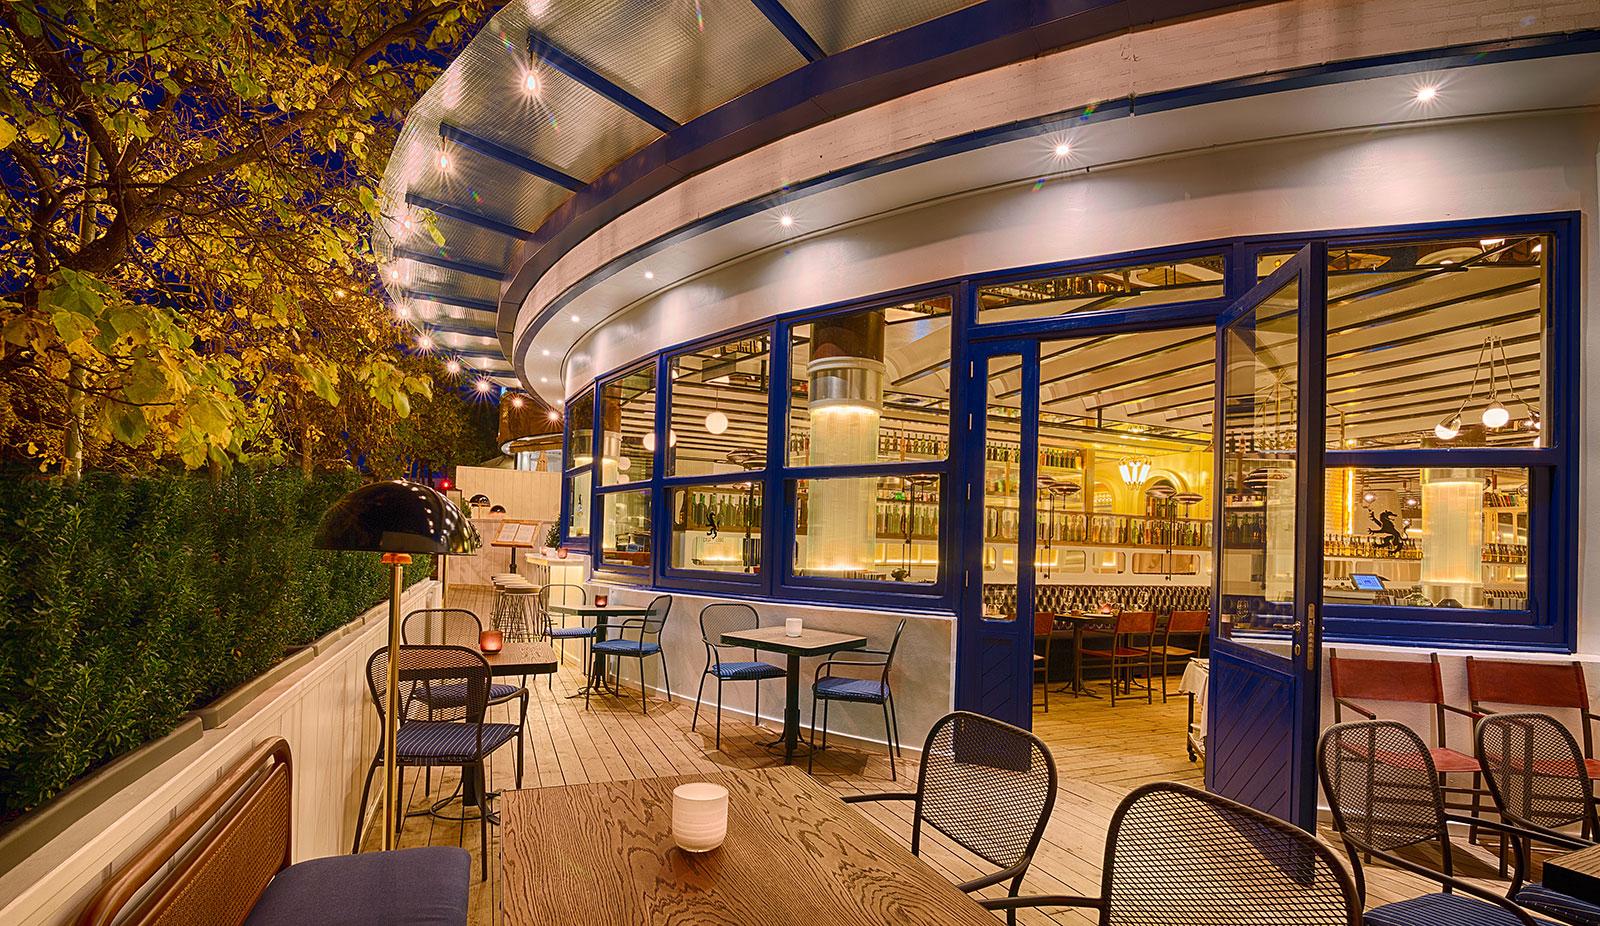 Casa_Lobo_Carta_Madrid_Restaurantes_Bymhyheels (4)